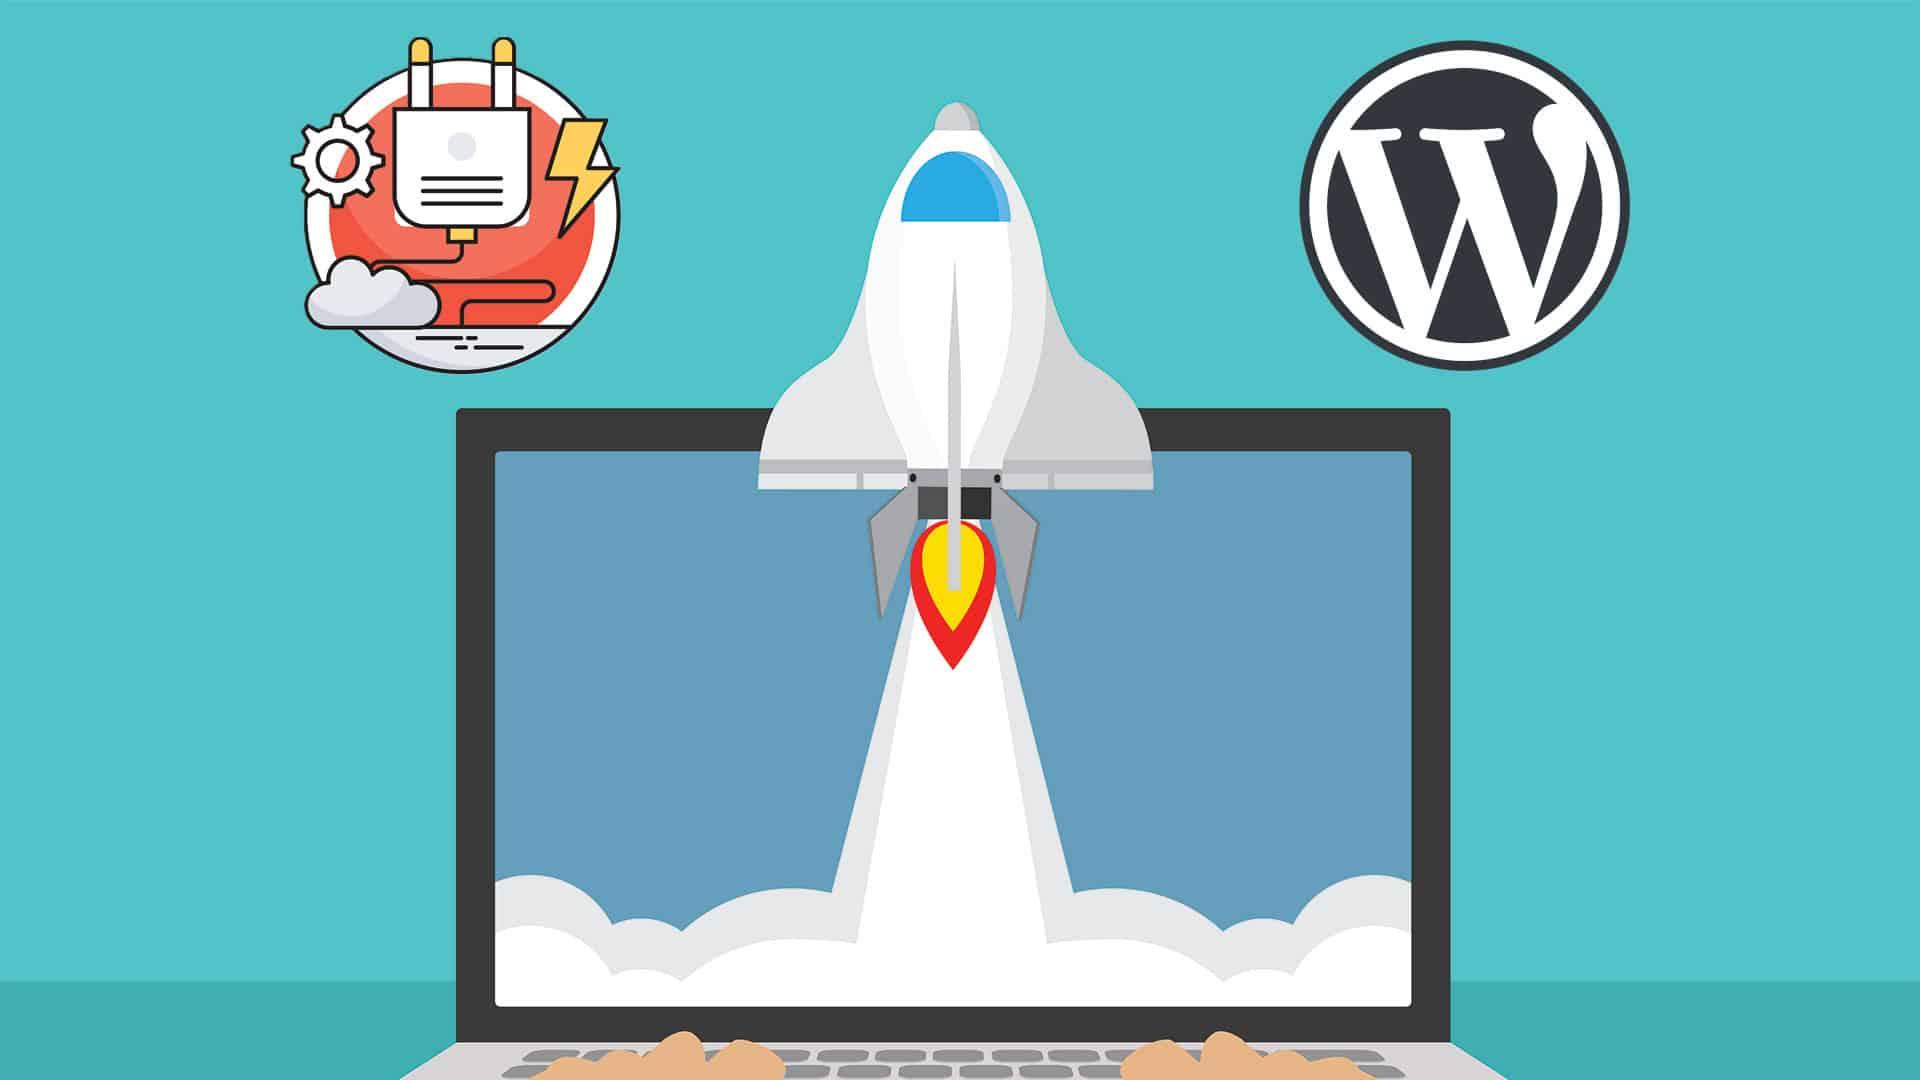 Rocketship speeding up WordPress